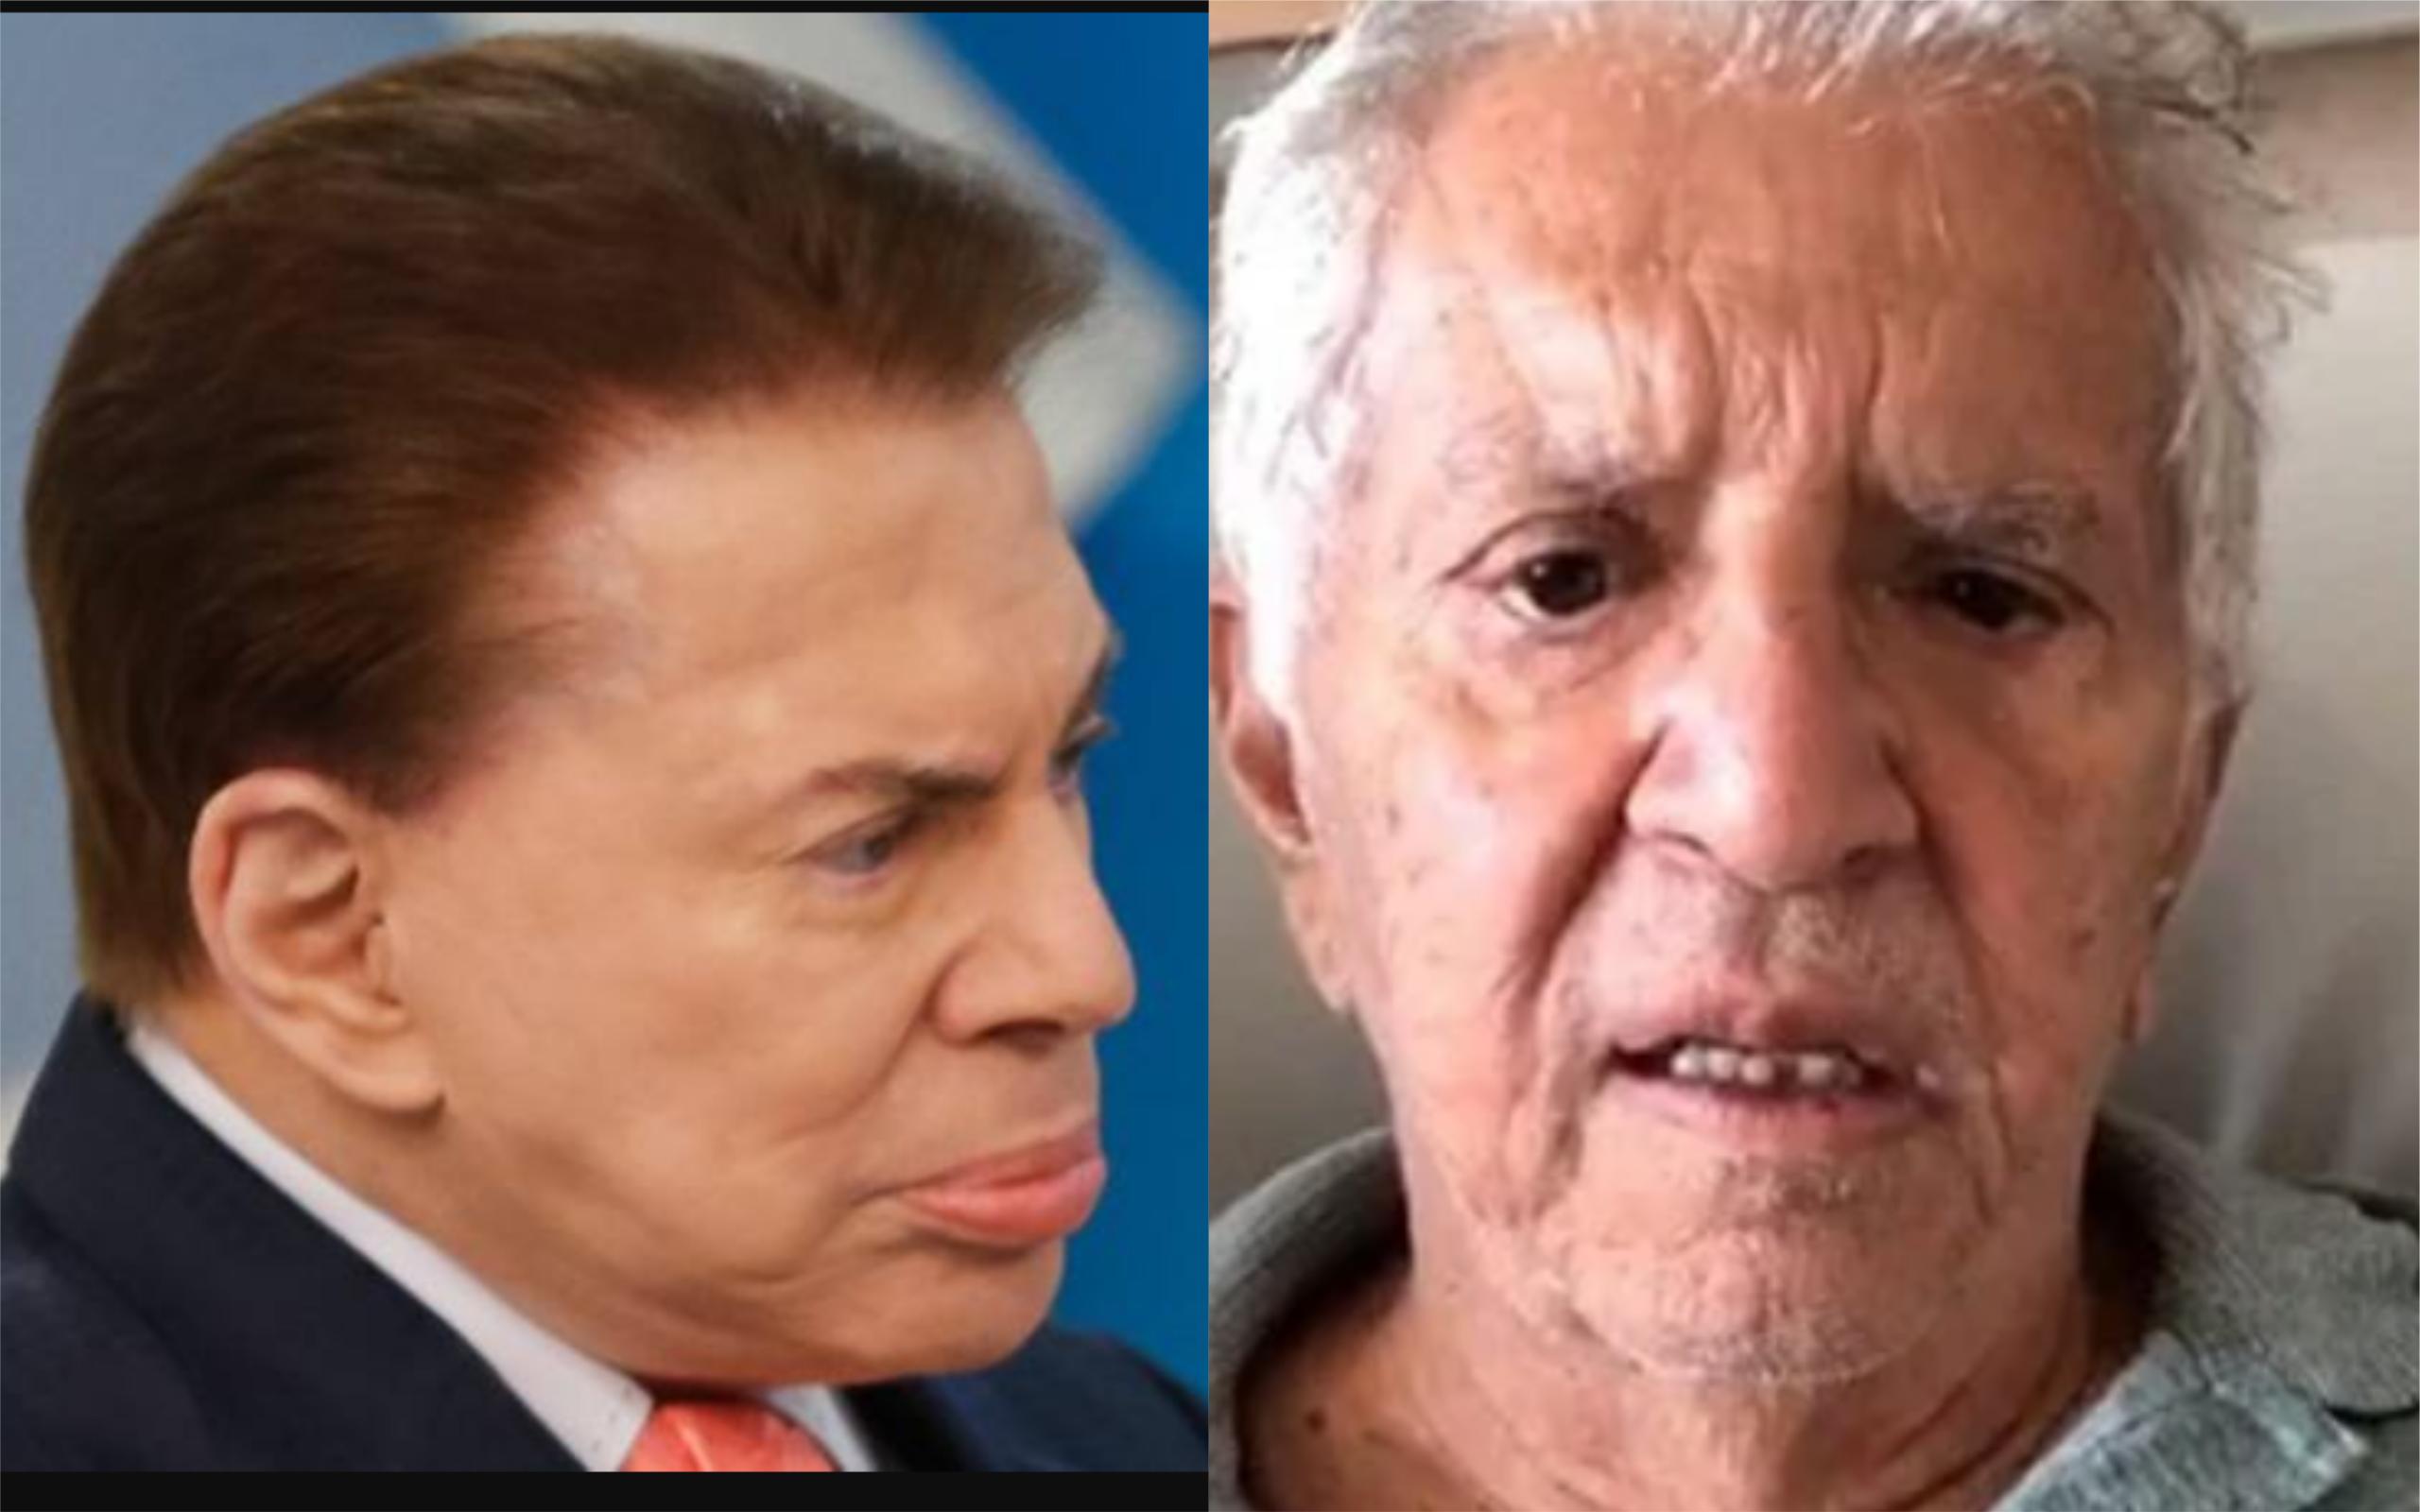 Carlos Alberto de Nóbrega surpreendeu com desabafo sobre situação e sobrou até pra Silvio Santos (Foto: Divulgação)